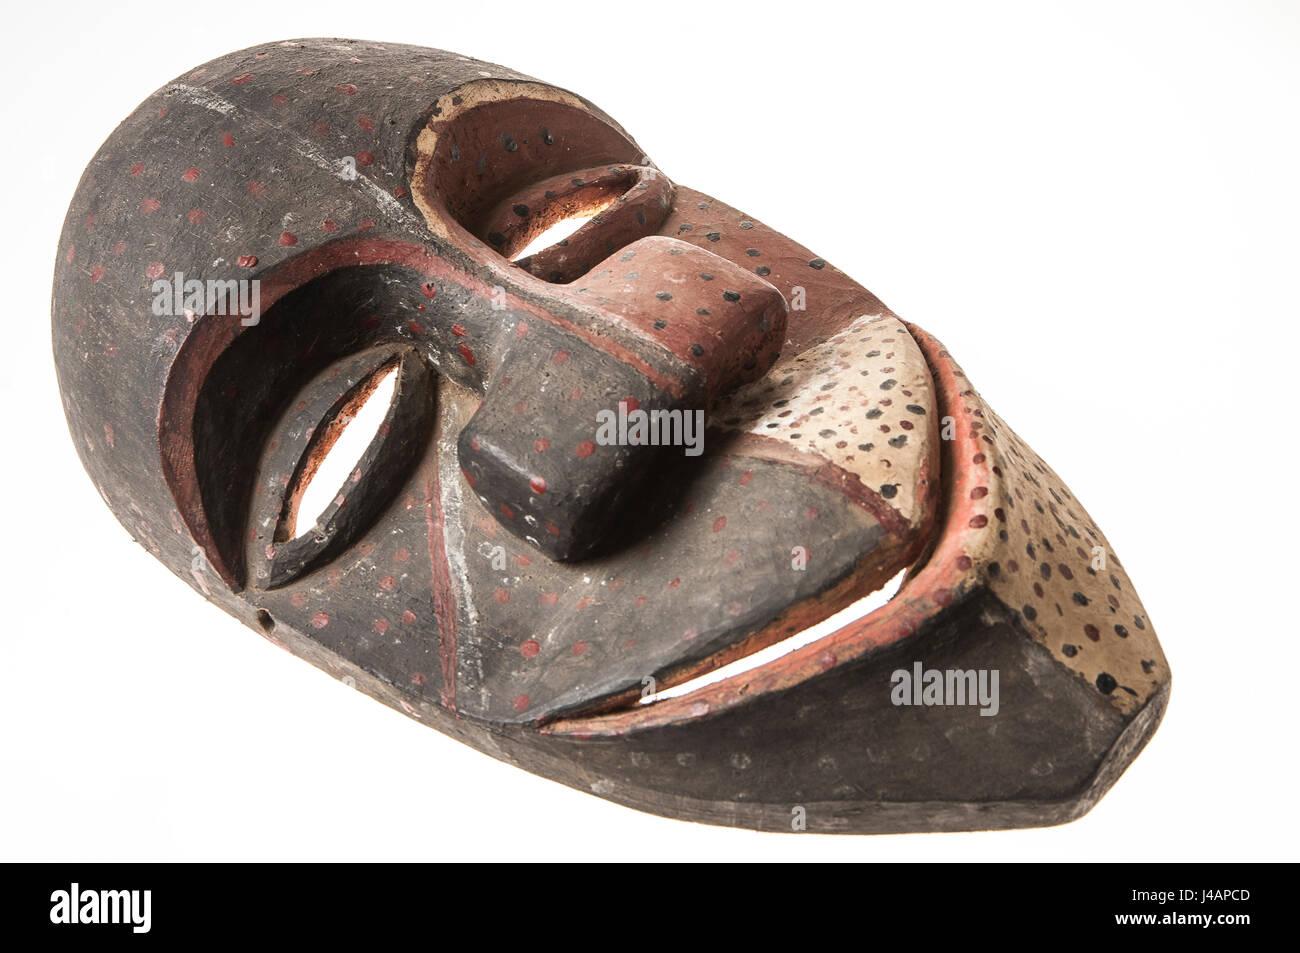 African wooden mask of angola, bakama, isolated on white background - Stock Image